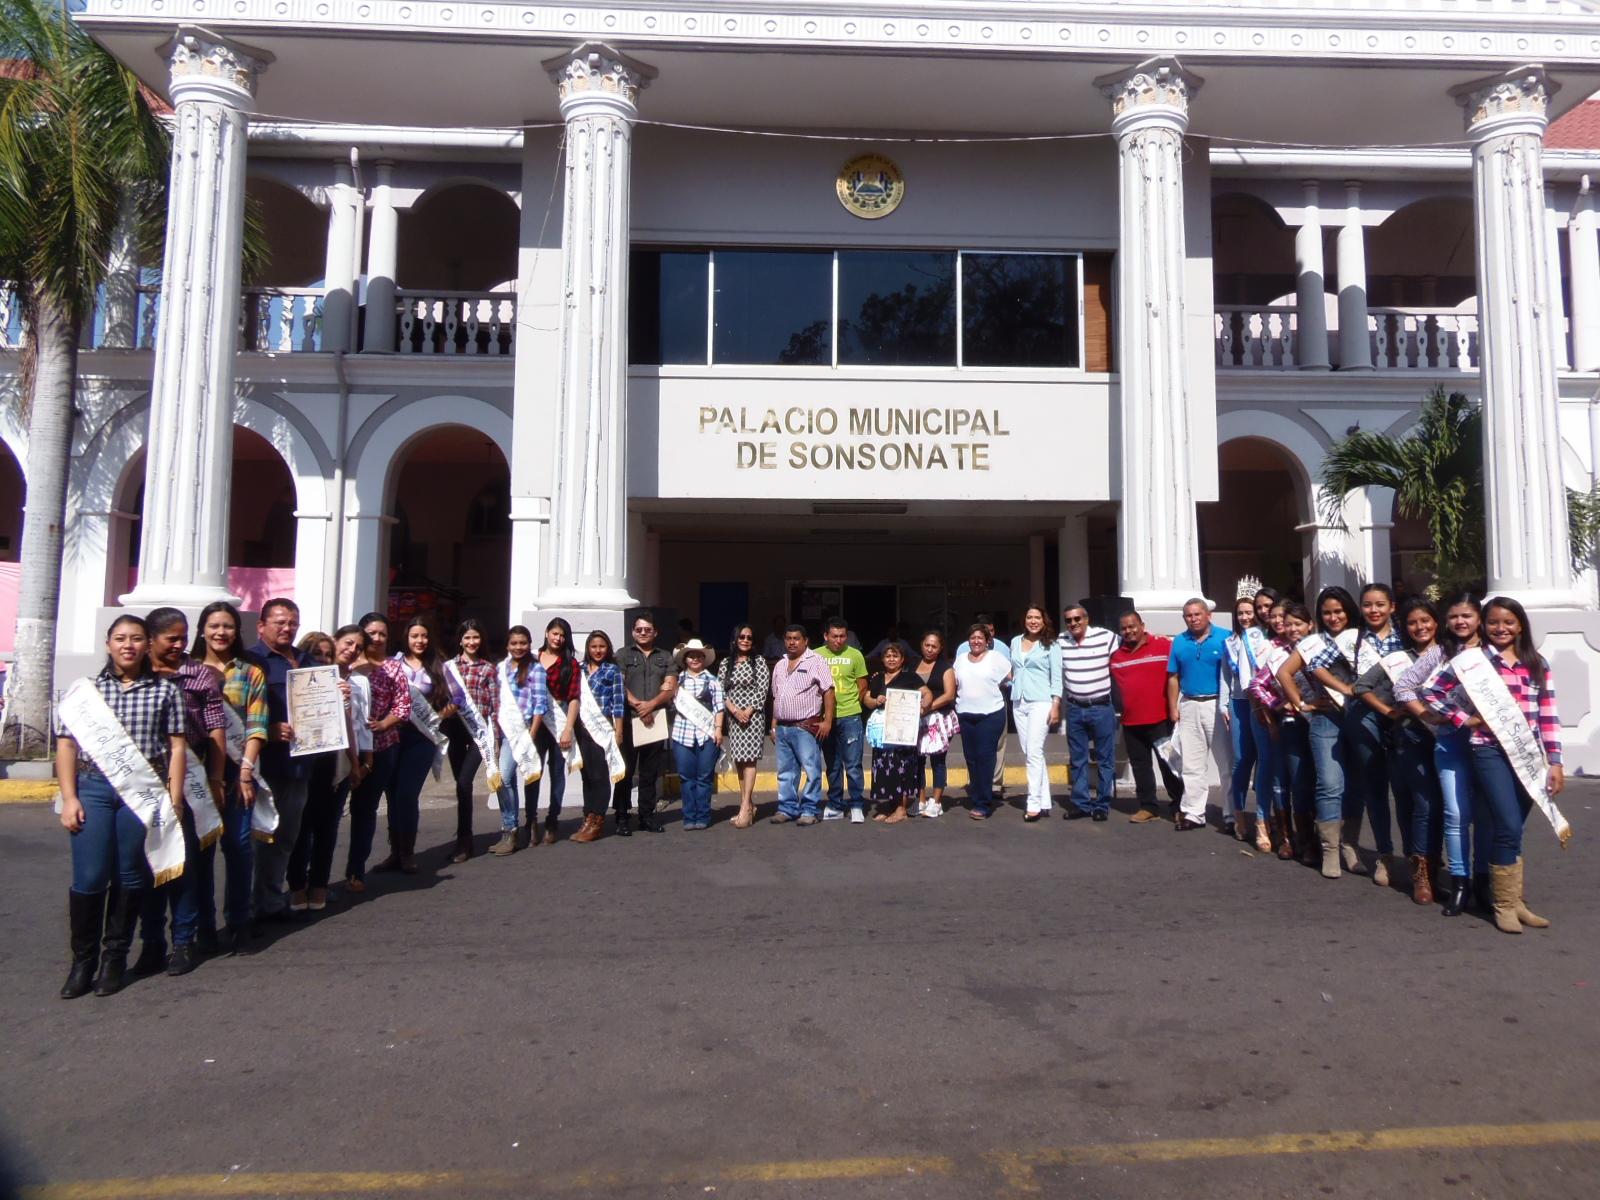 Sonsonate celebra sus festejos patronales en honor a la Virgen de Candelaria